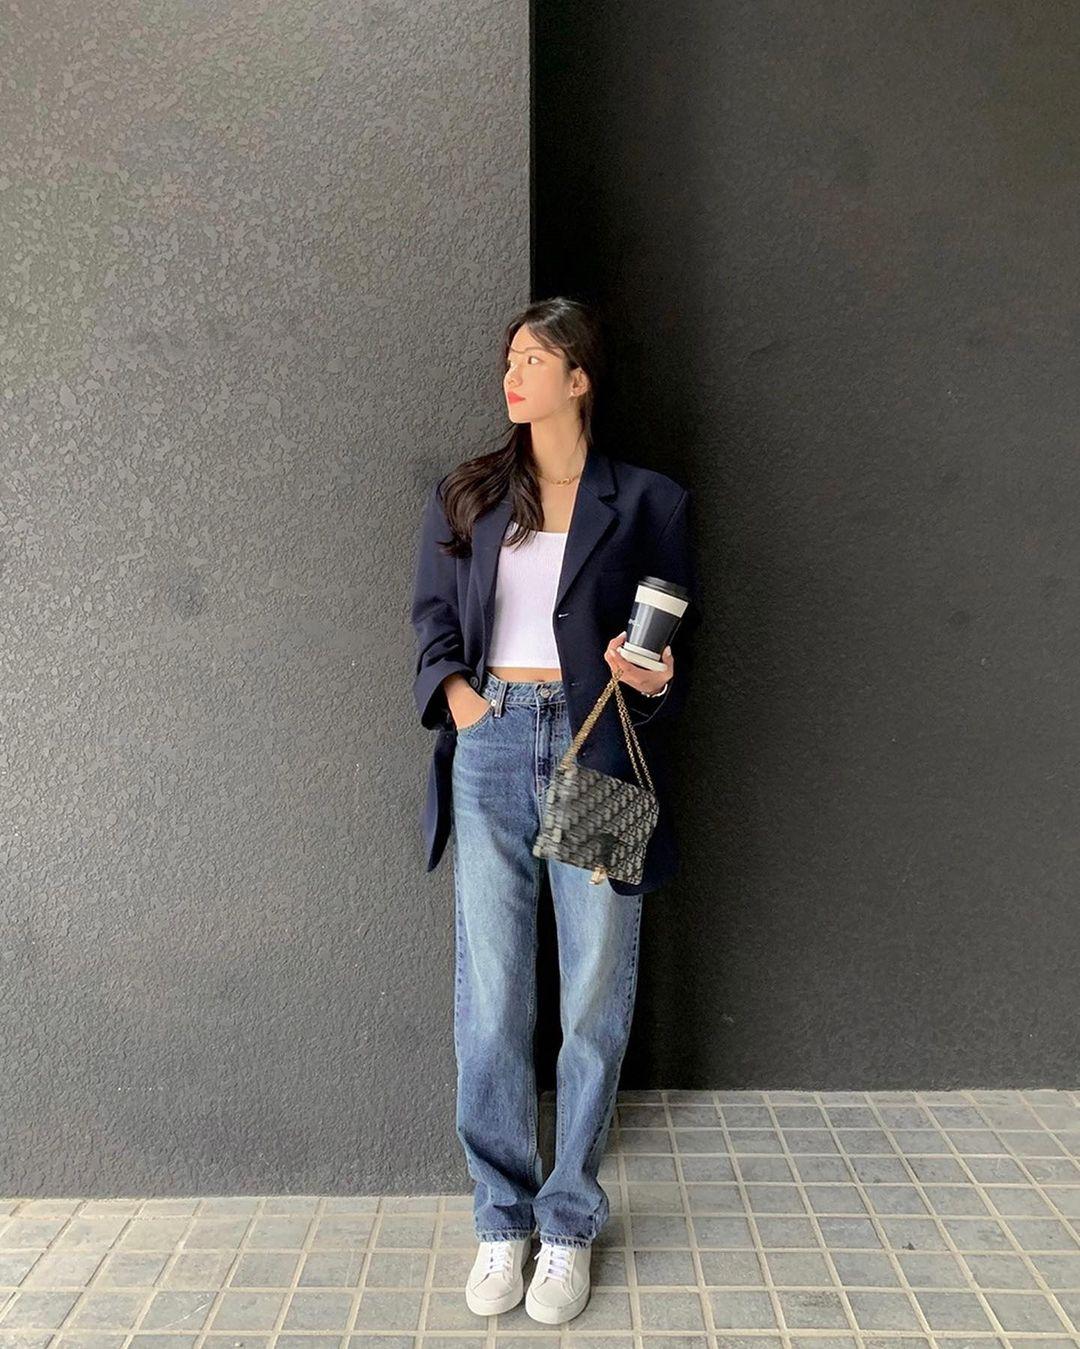 """Học nàng blogger Hàn cách diện jeans """"đỉnh của chóp"""": Vừa hack dáng vừa thanh lịch để diện đến sở làm - Ảnh 5."""